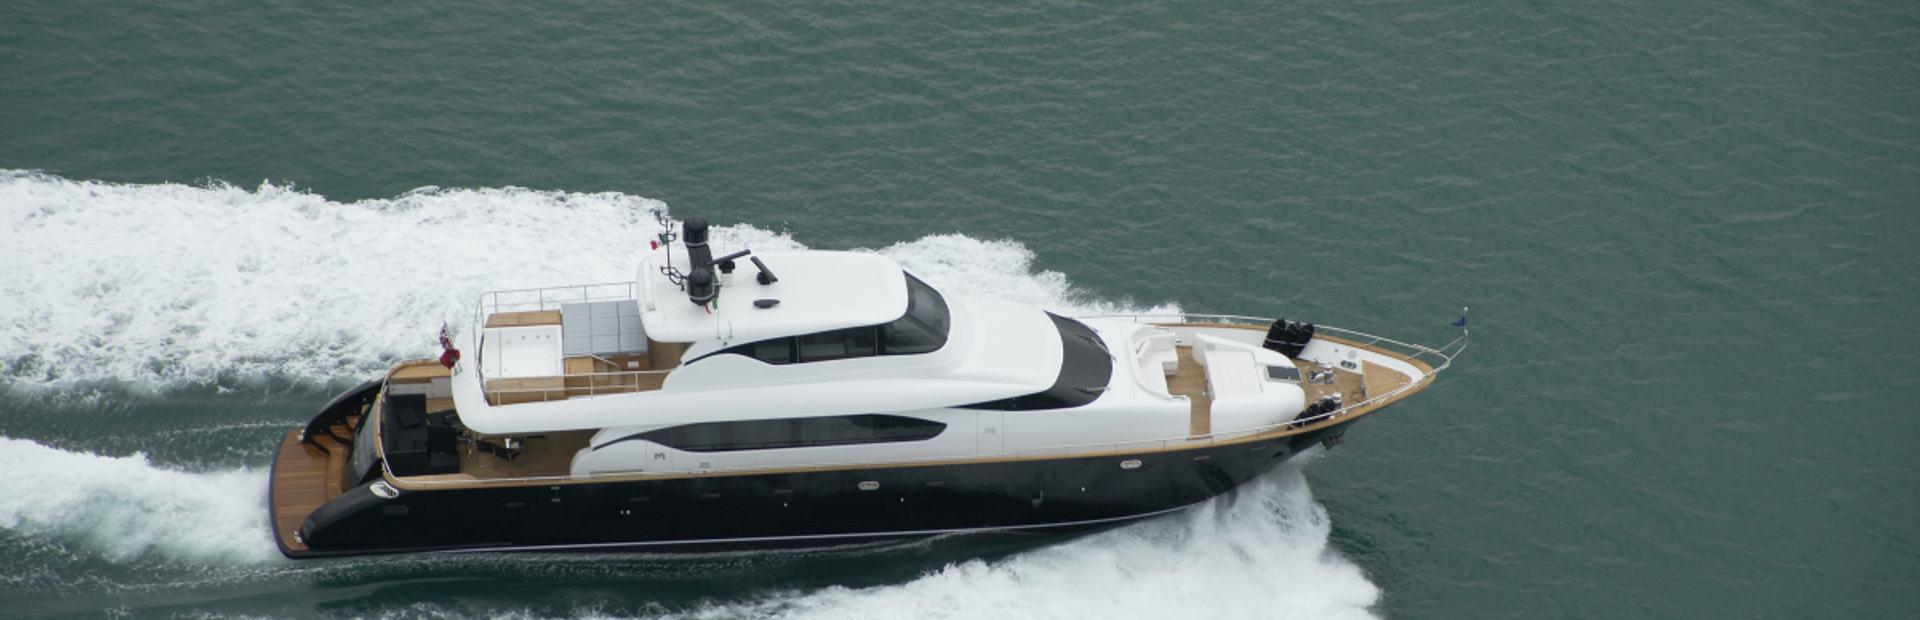 Maiora 29 Yacht Charter